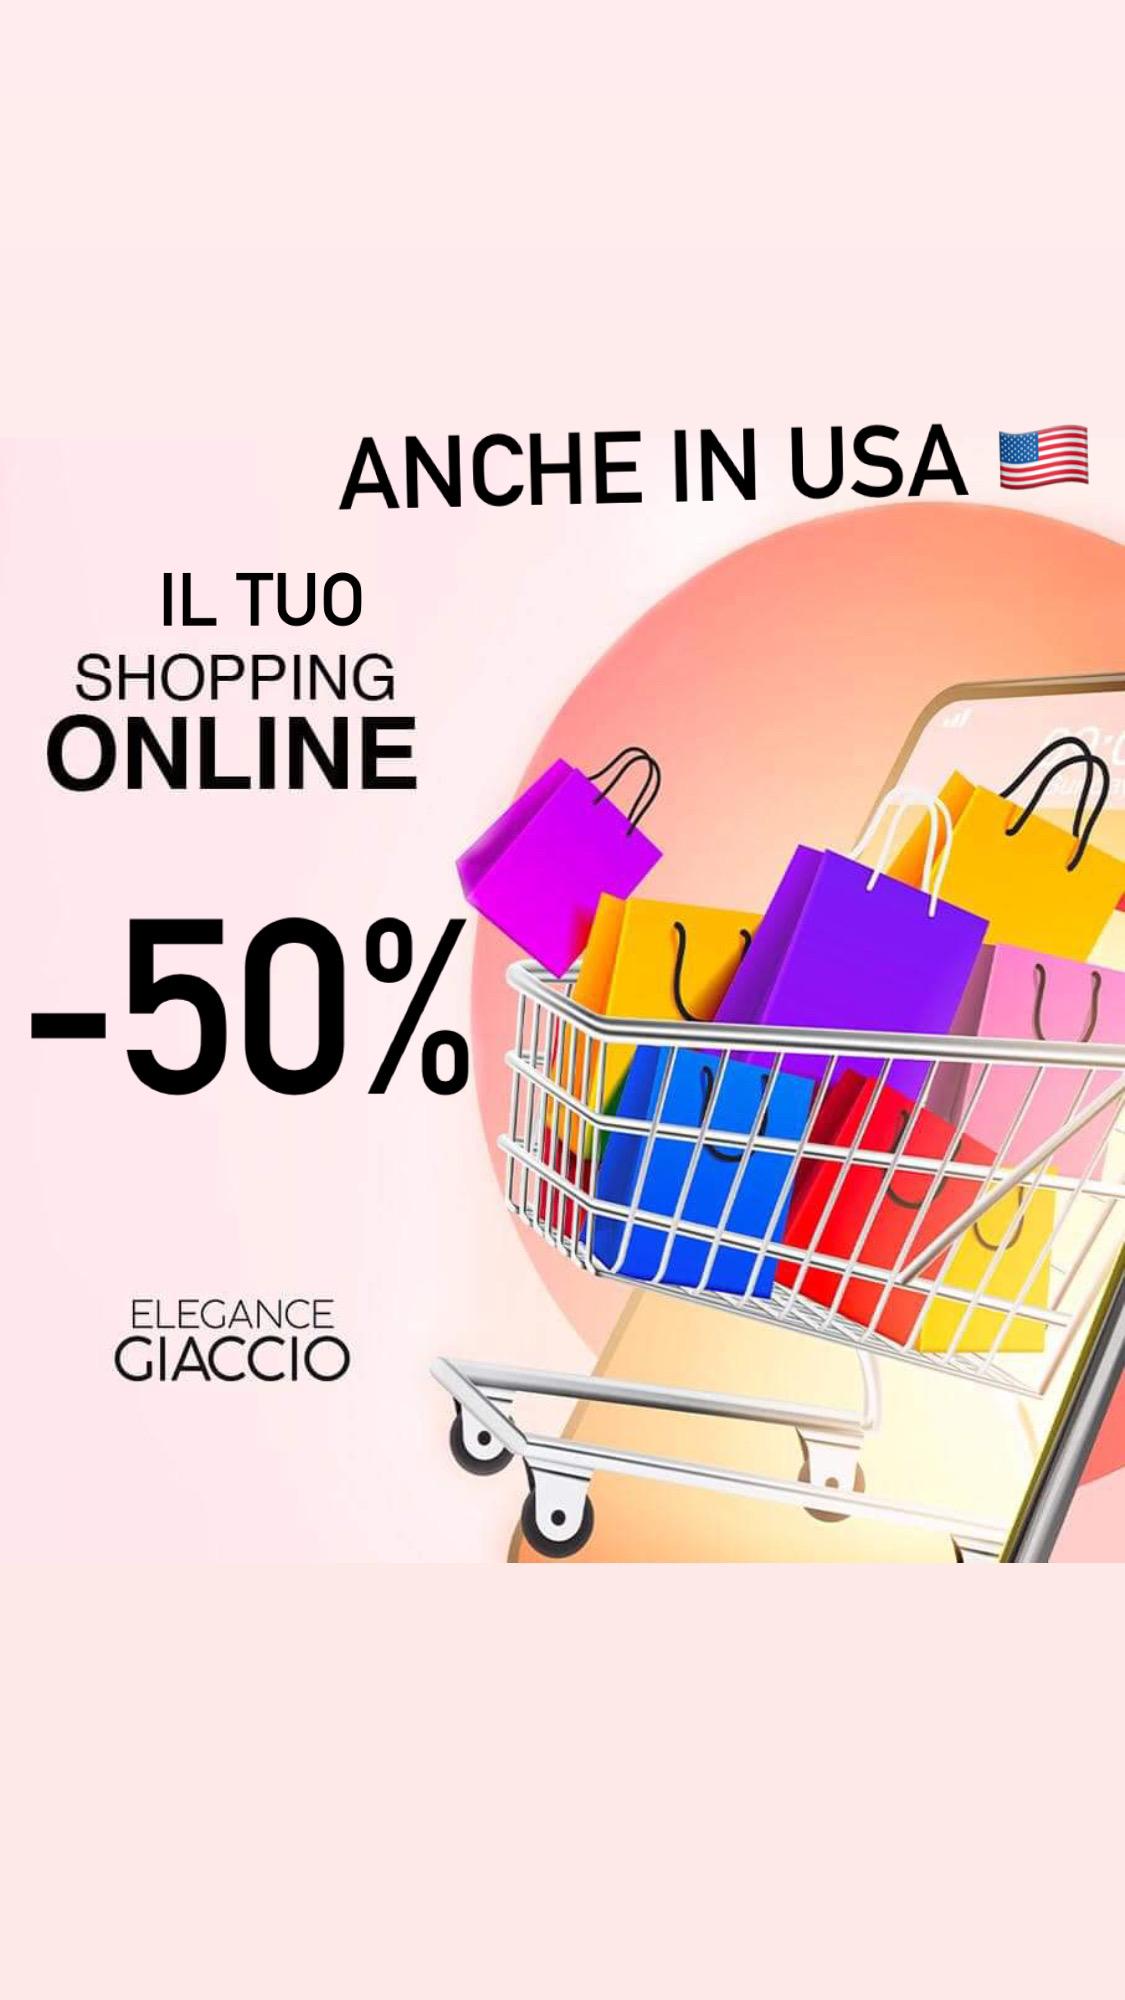 Approfitta del -50% su www.elegancegiaccio.com